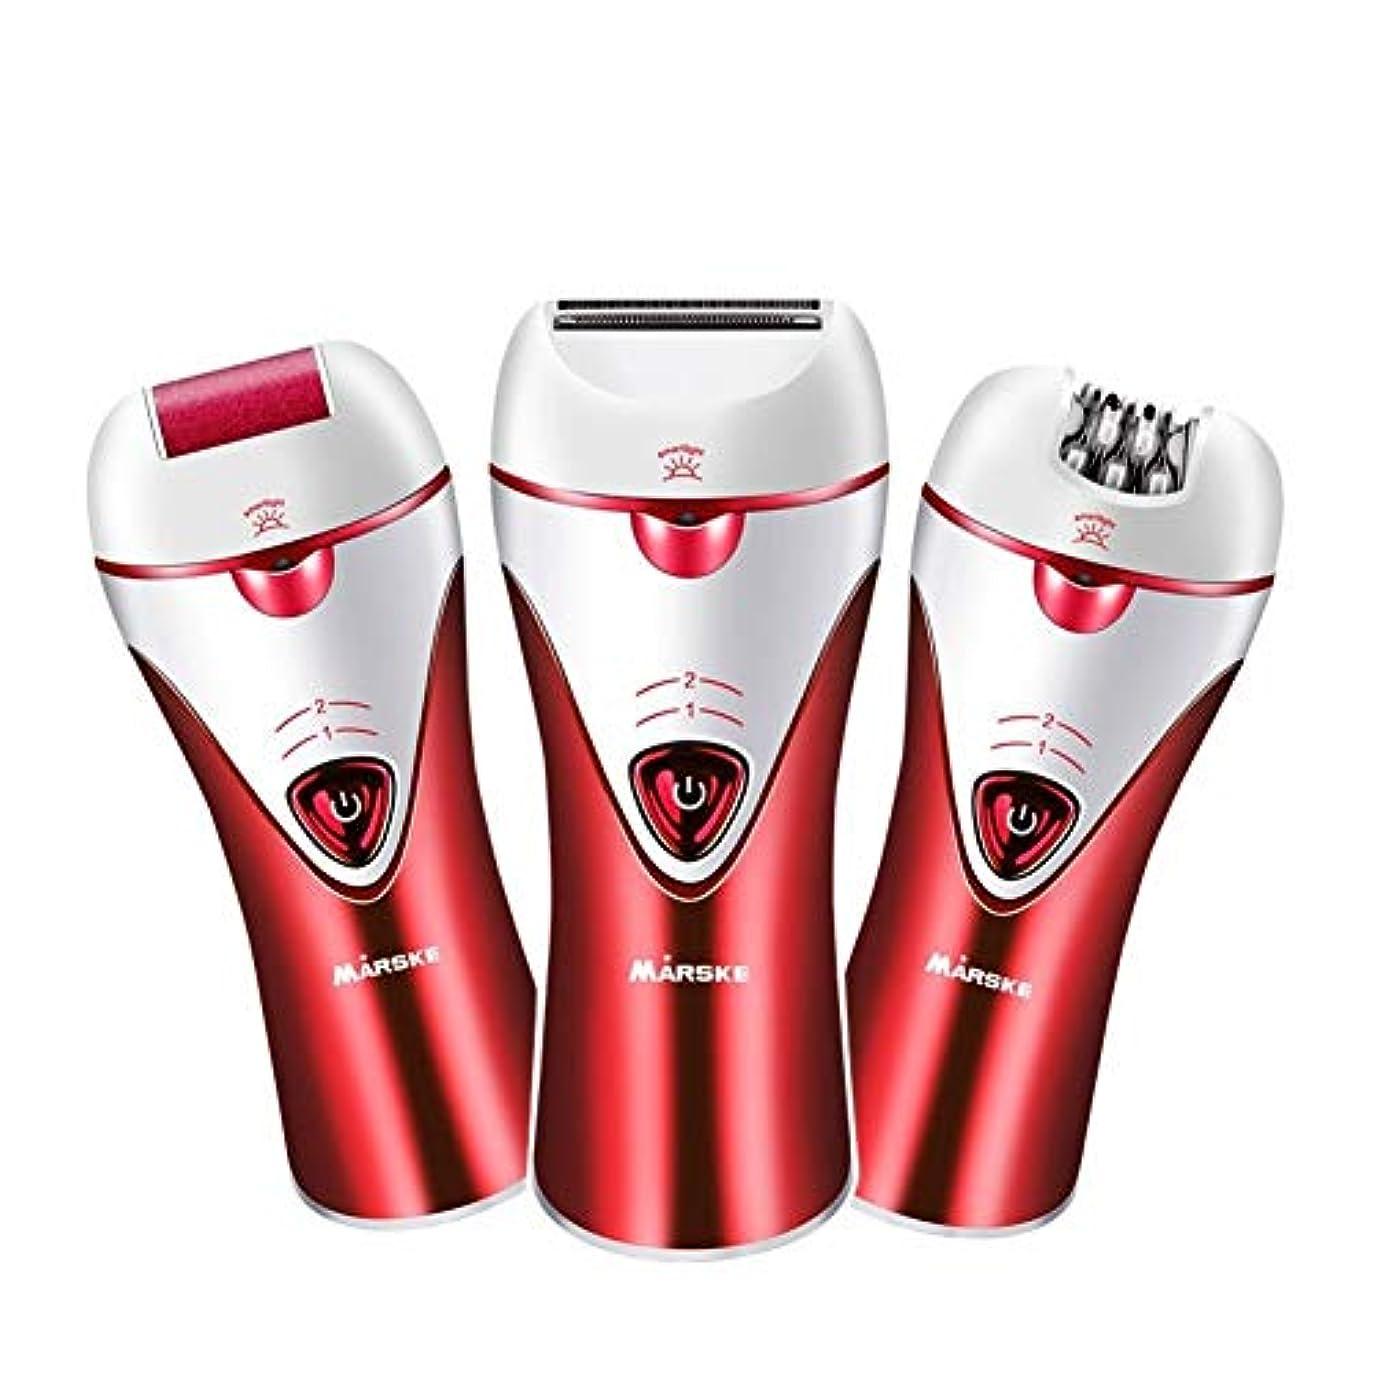 追い払う先レプリカTrliy- 充電式電動脱毛器、女性のための痛みのない快適さスキンケア脱毛ツール浴室ウェットとドライ脱毛器 (Color : Red)